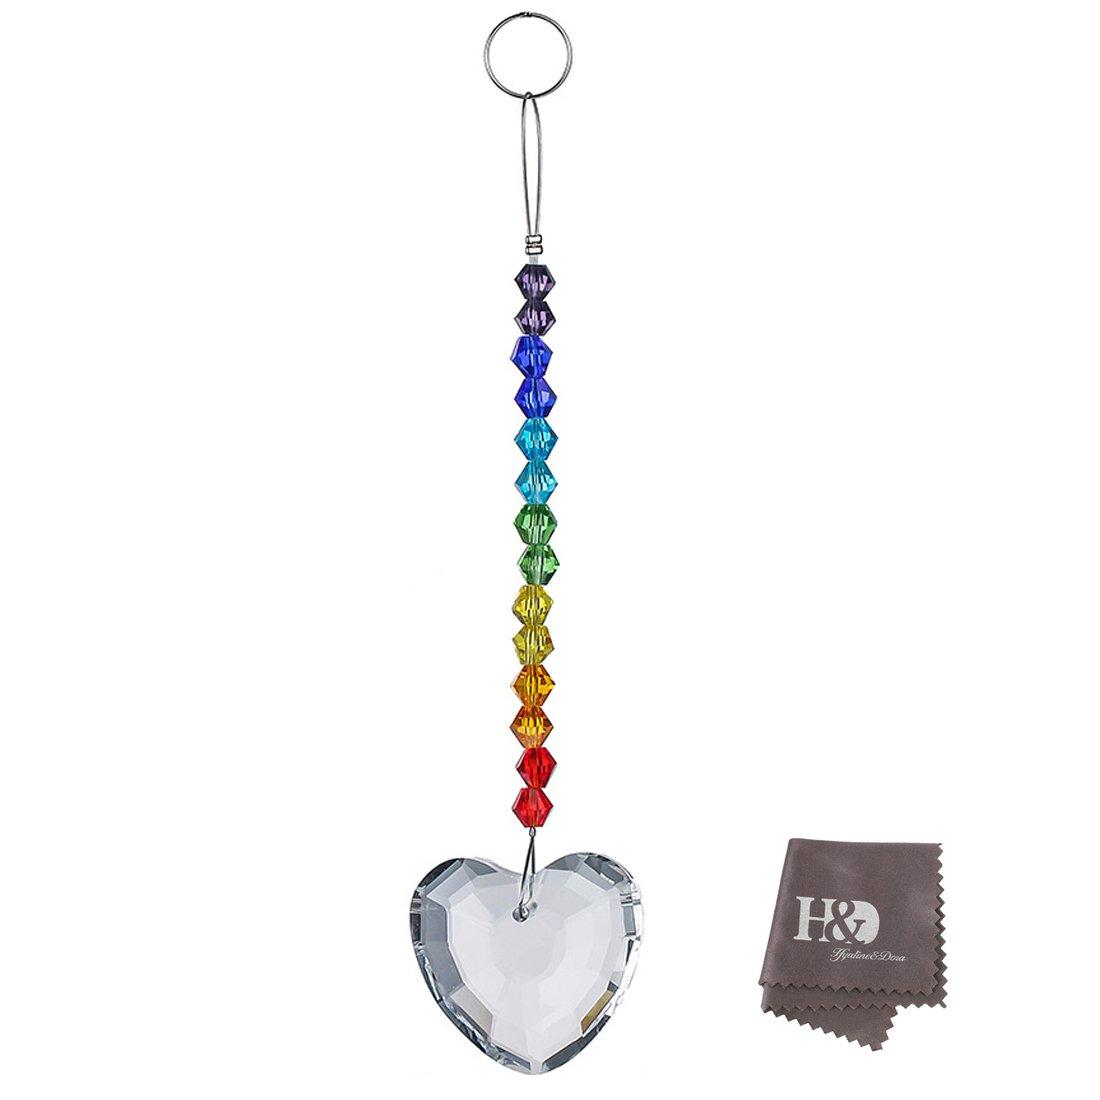 H& D 38mm Rainbow Herz Kristalle Kronleuchter Prismen Perlen Regenbogen Chakra Sonnenfänger LTD ADE1709200-3*qita